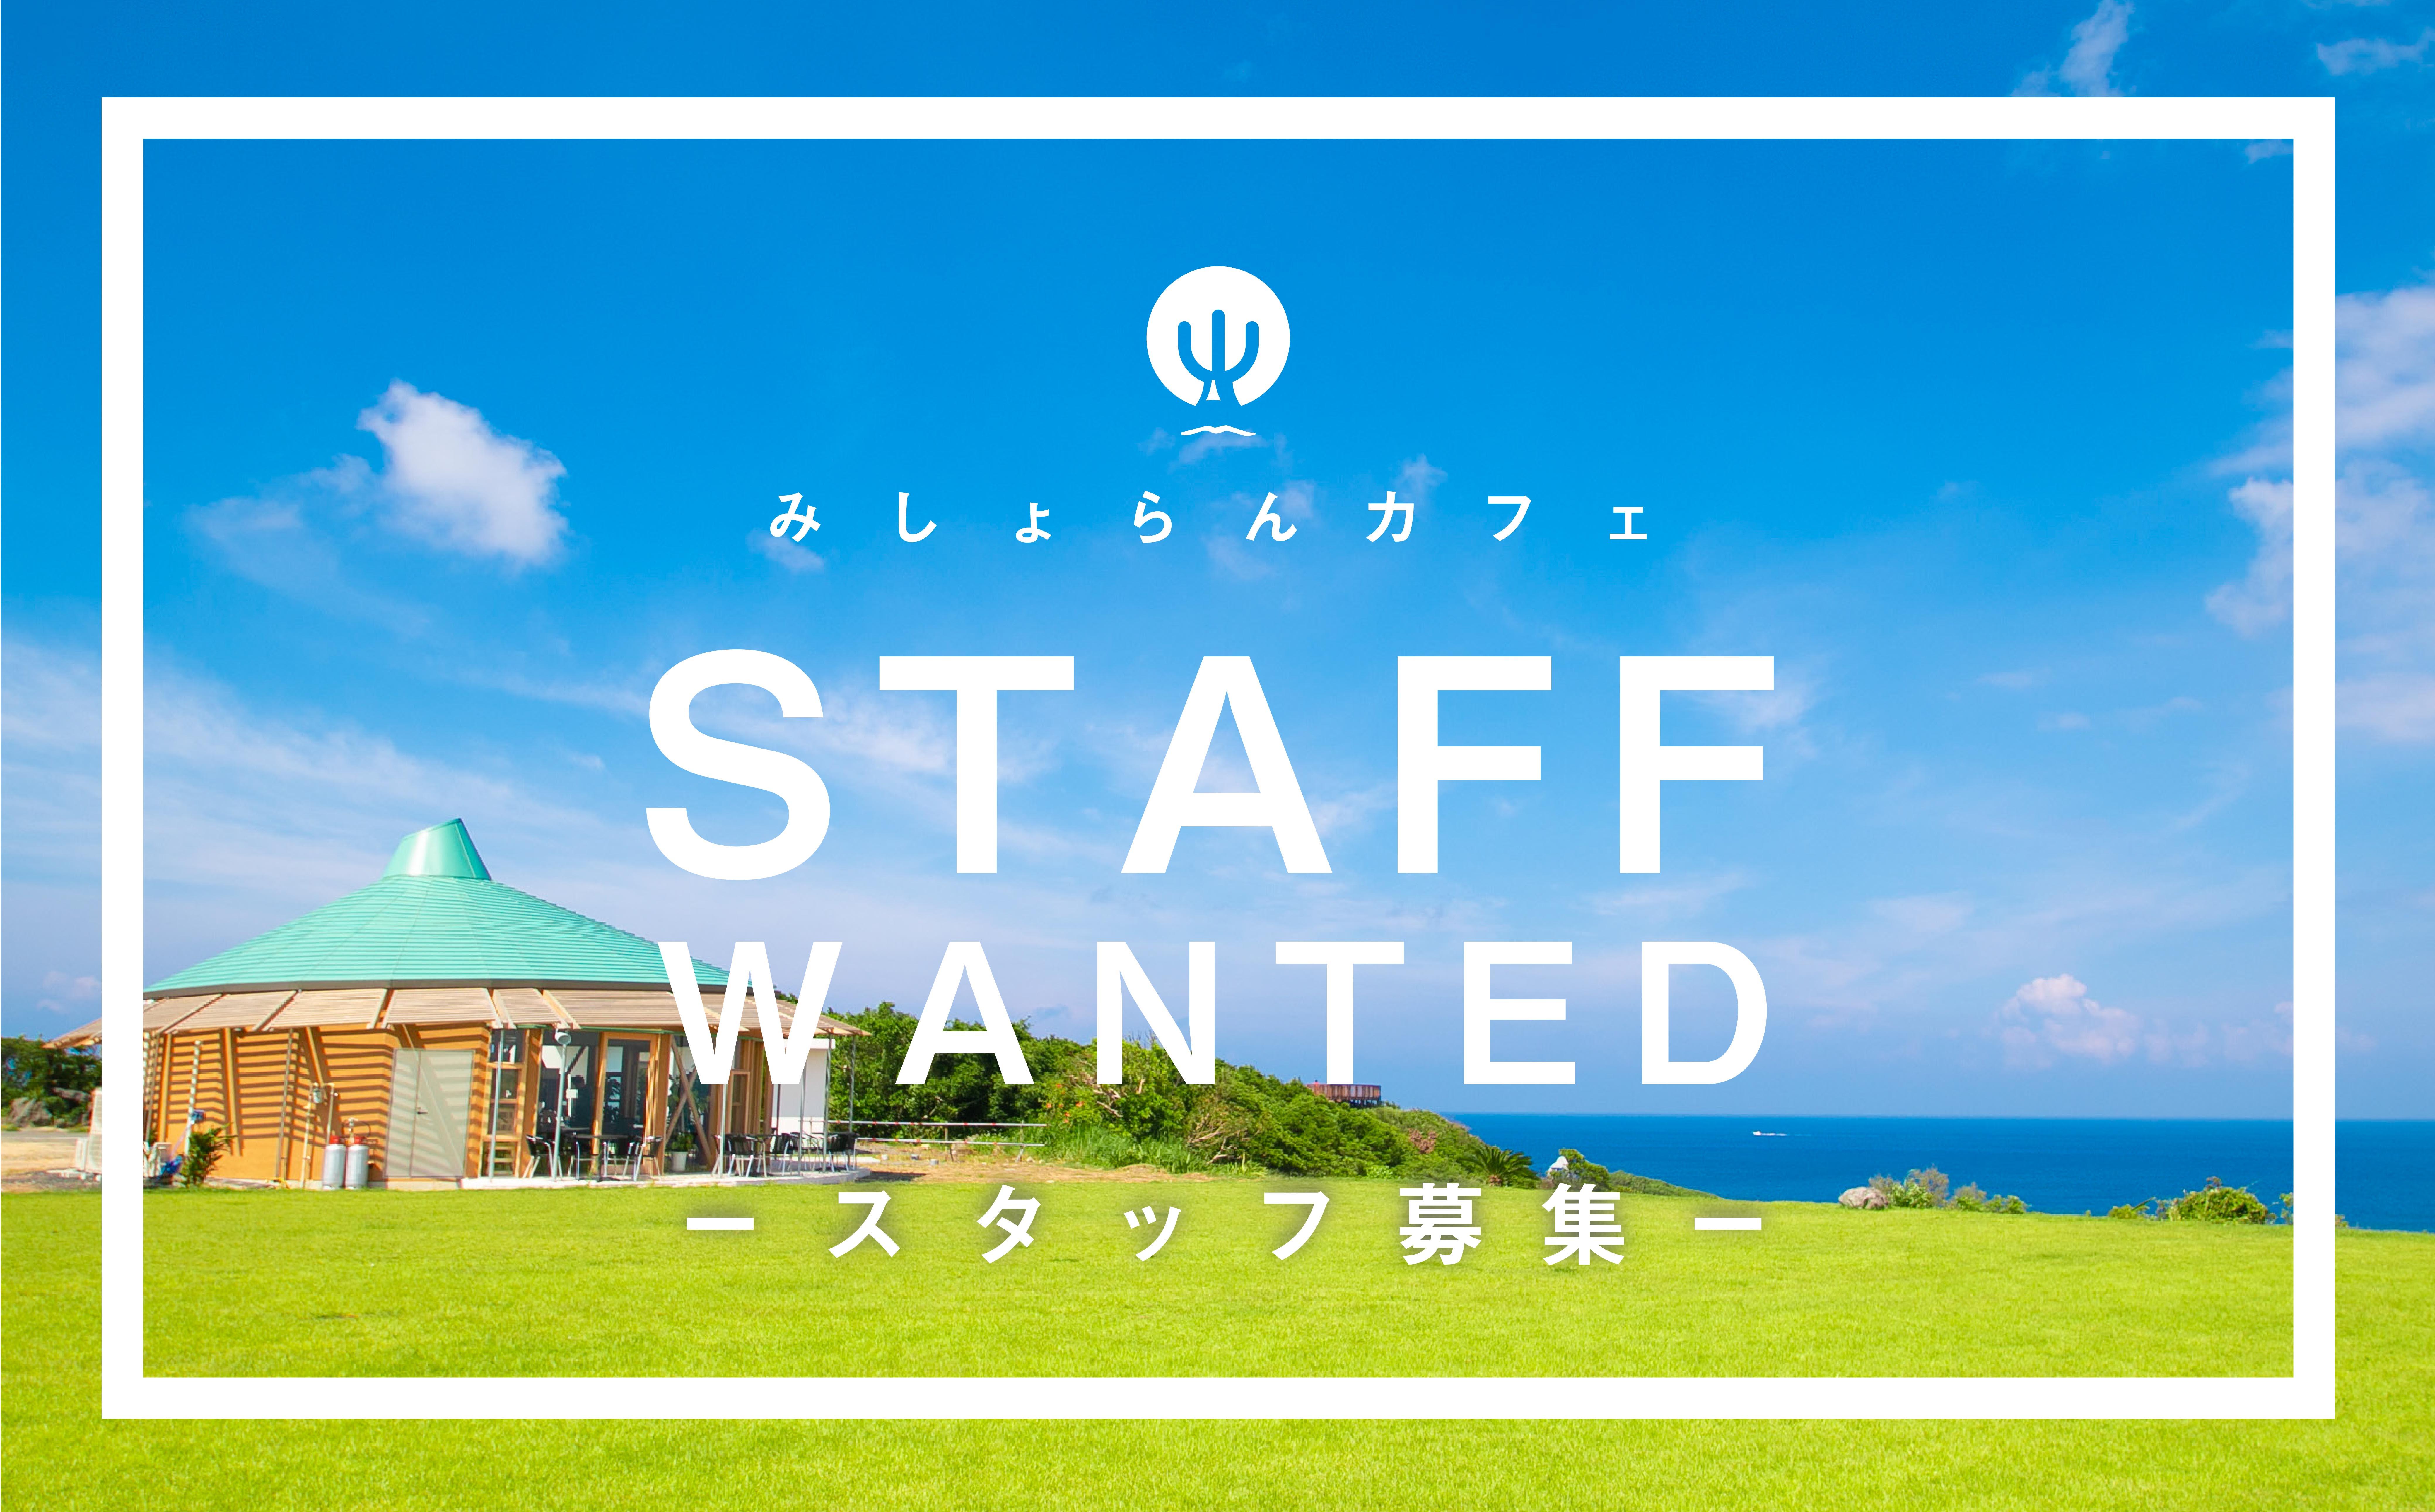 あやまる岬観光案内所とカフェで島の情報を発信するお仕事をしてみませんか?